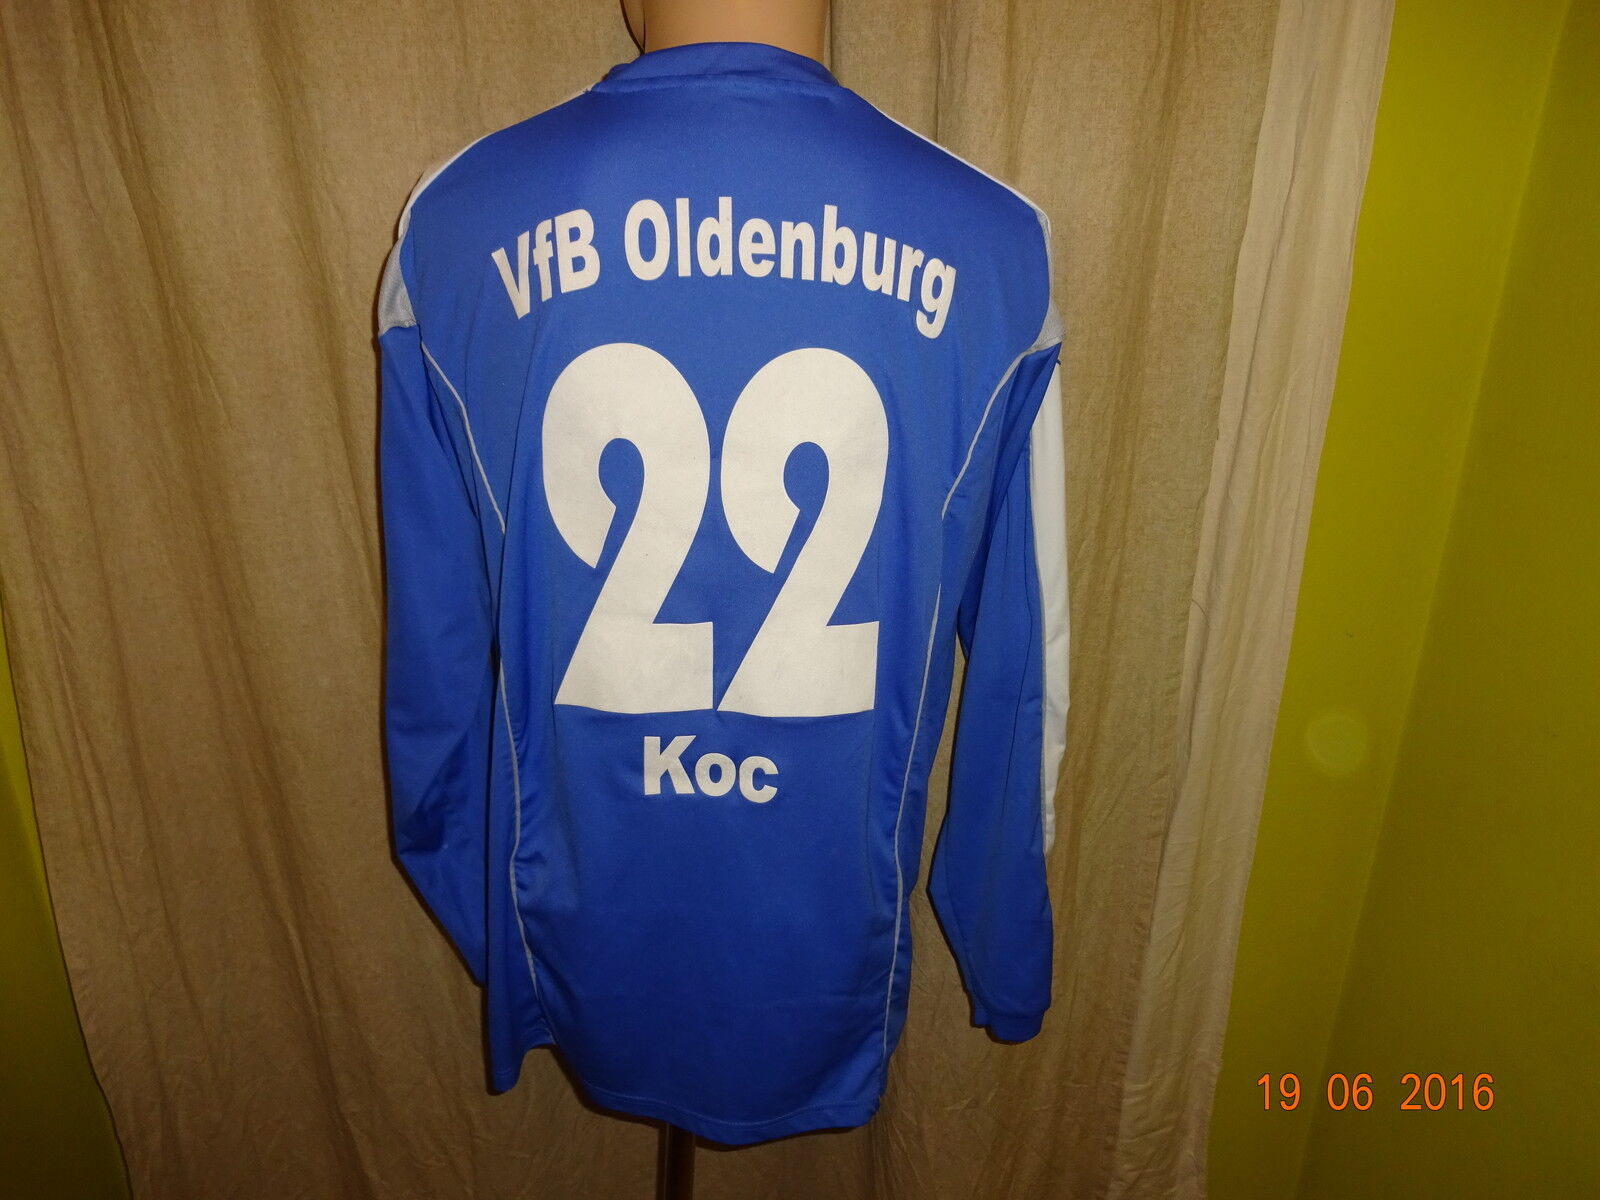 VfB Oldenburg uhlsport uhlsport uhlsport Langarm Matchworn Trikot 2007/08 + Nr.22 Koc Gr.M- L d35c5a